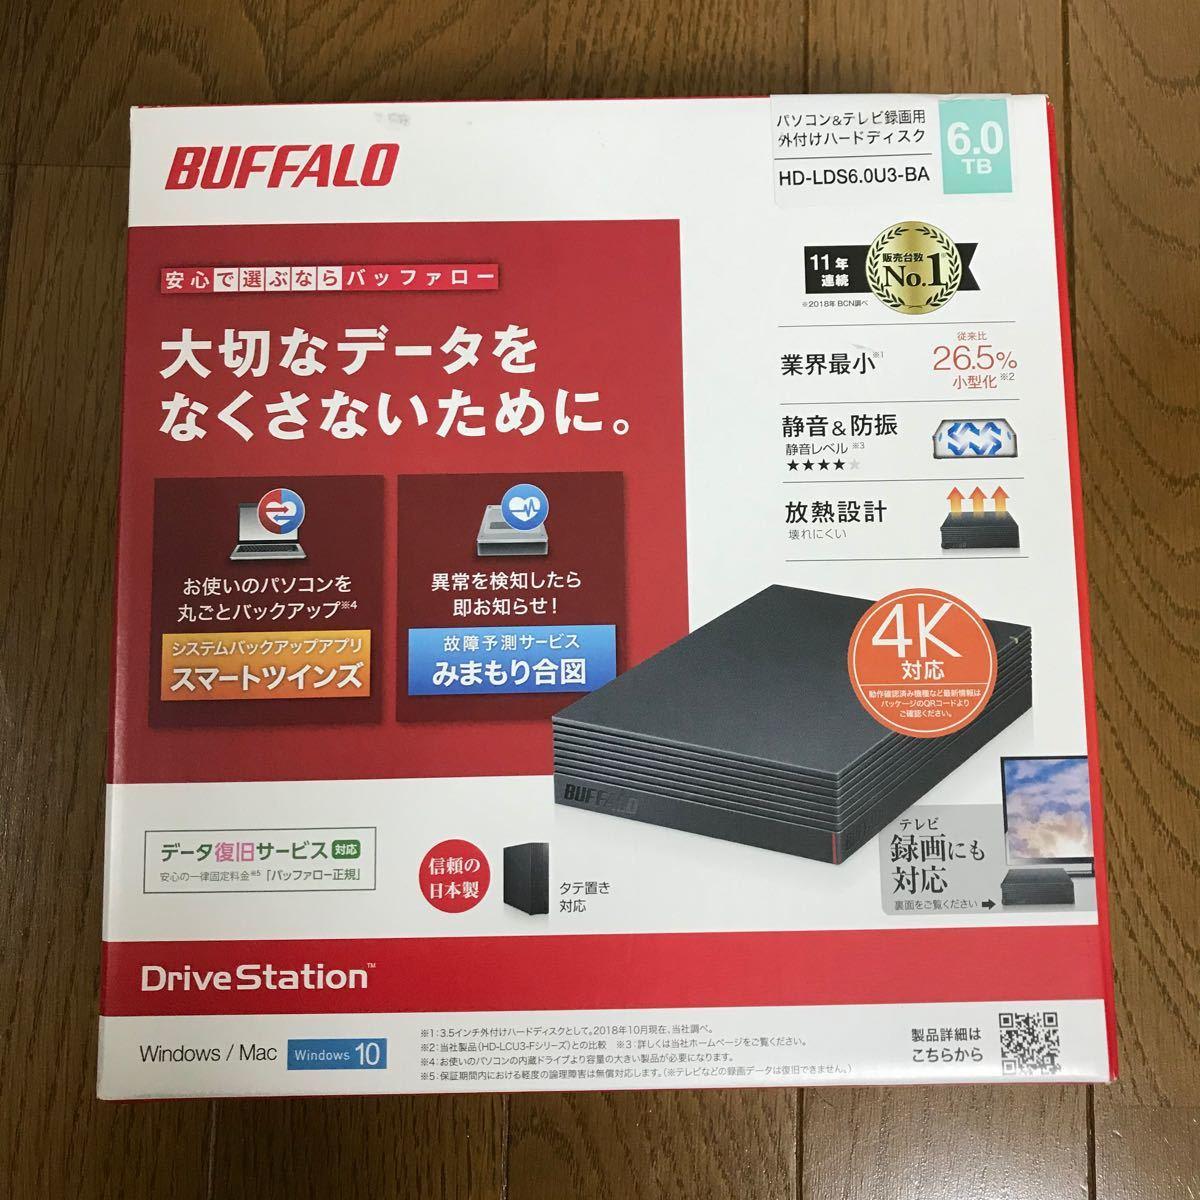 BUFFALO バッファロー 外付けハードディスク6TB HD-LDS6.0U3-BA